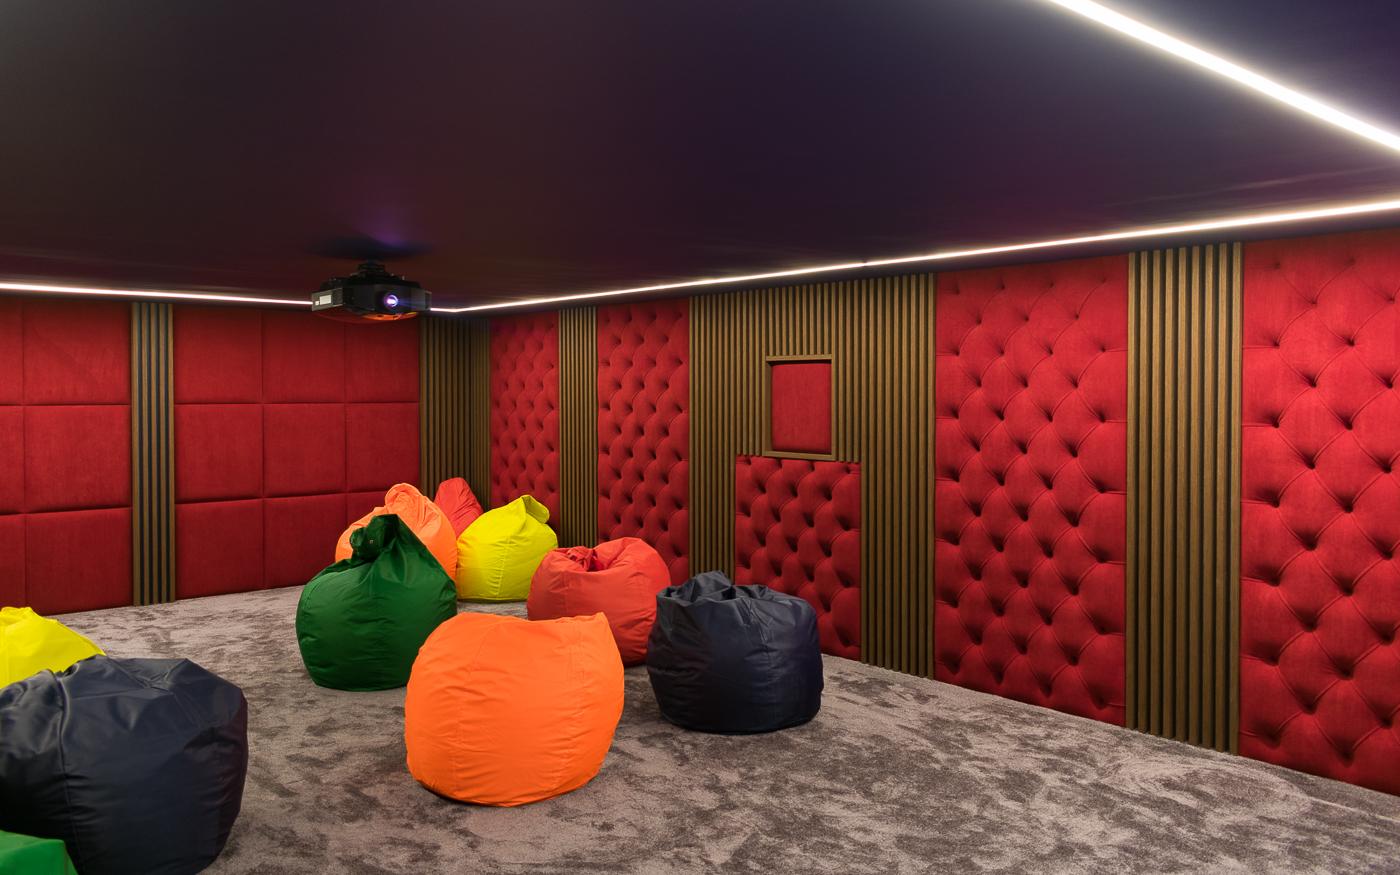 В кинозале применена тканевая отделка стен